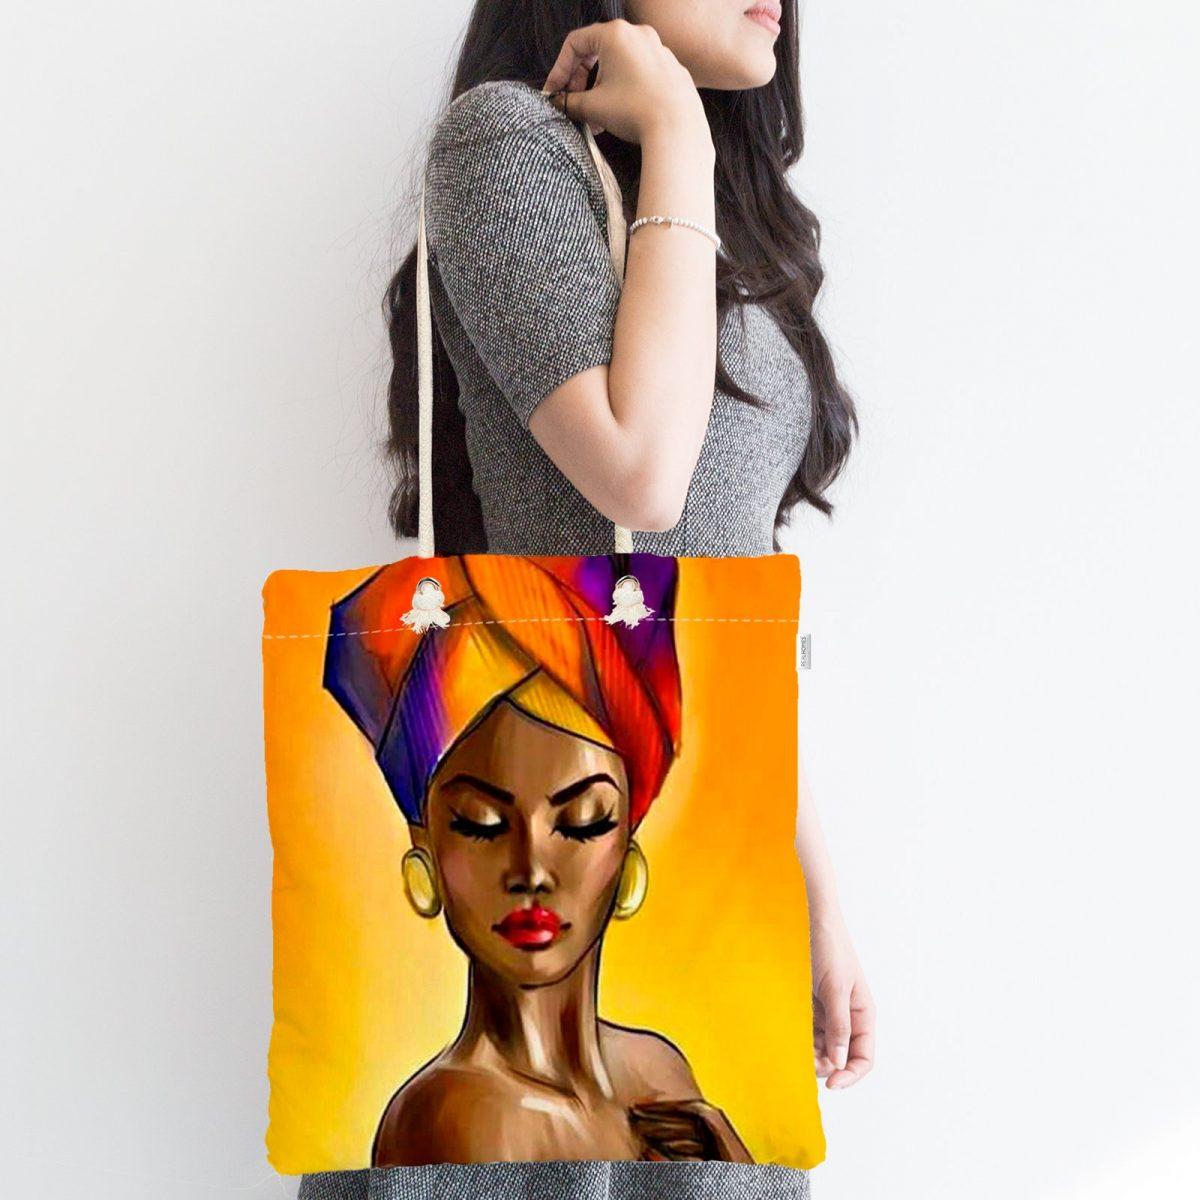 Afrika Kadın Tasarımlı Dijital Baskılı Özel Tasarım Fermuarlı Kumaş Çanta Realhomes